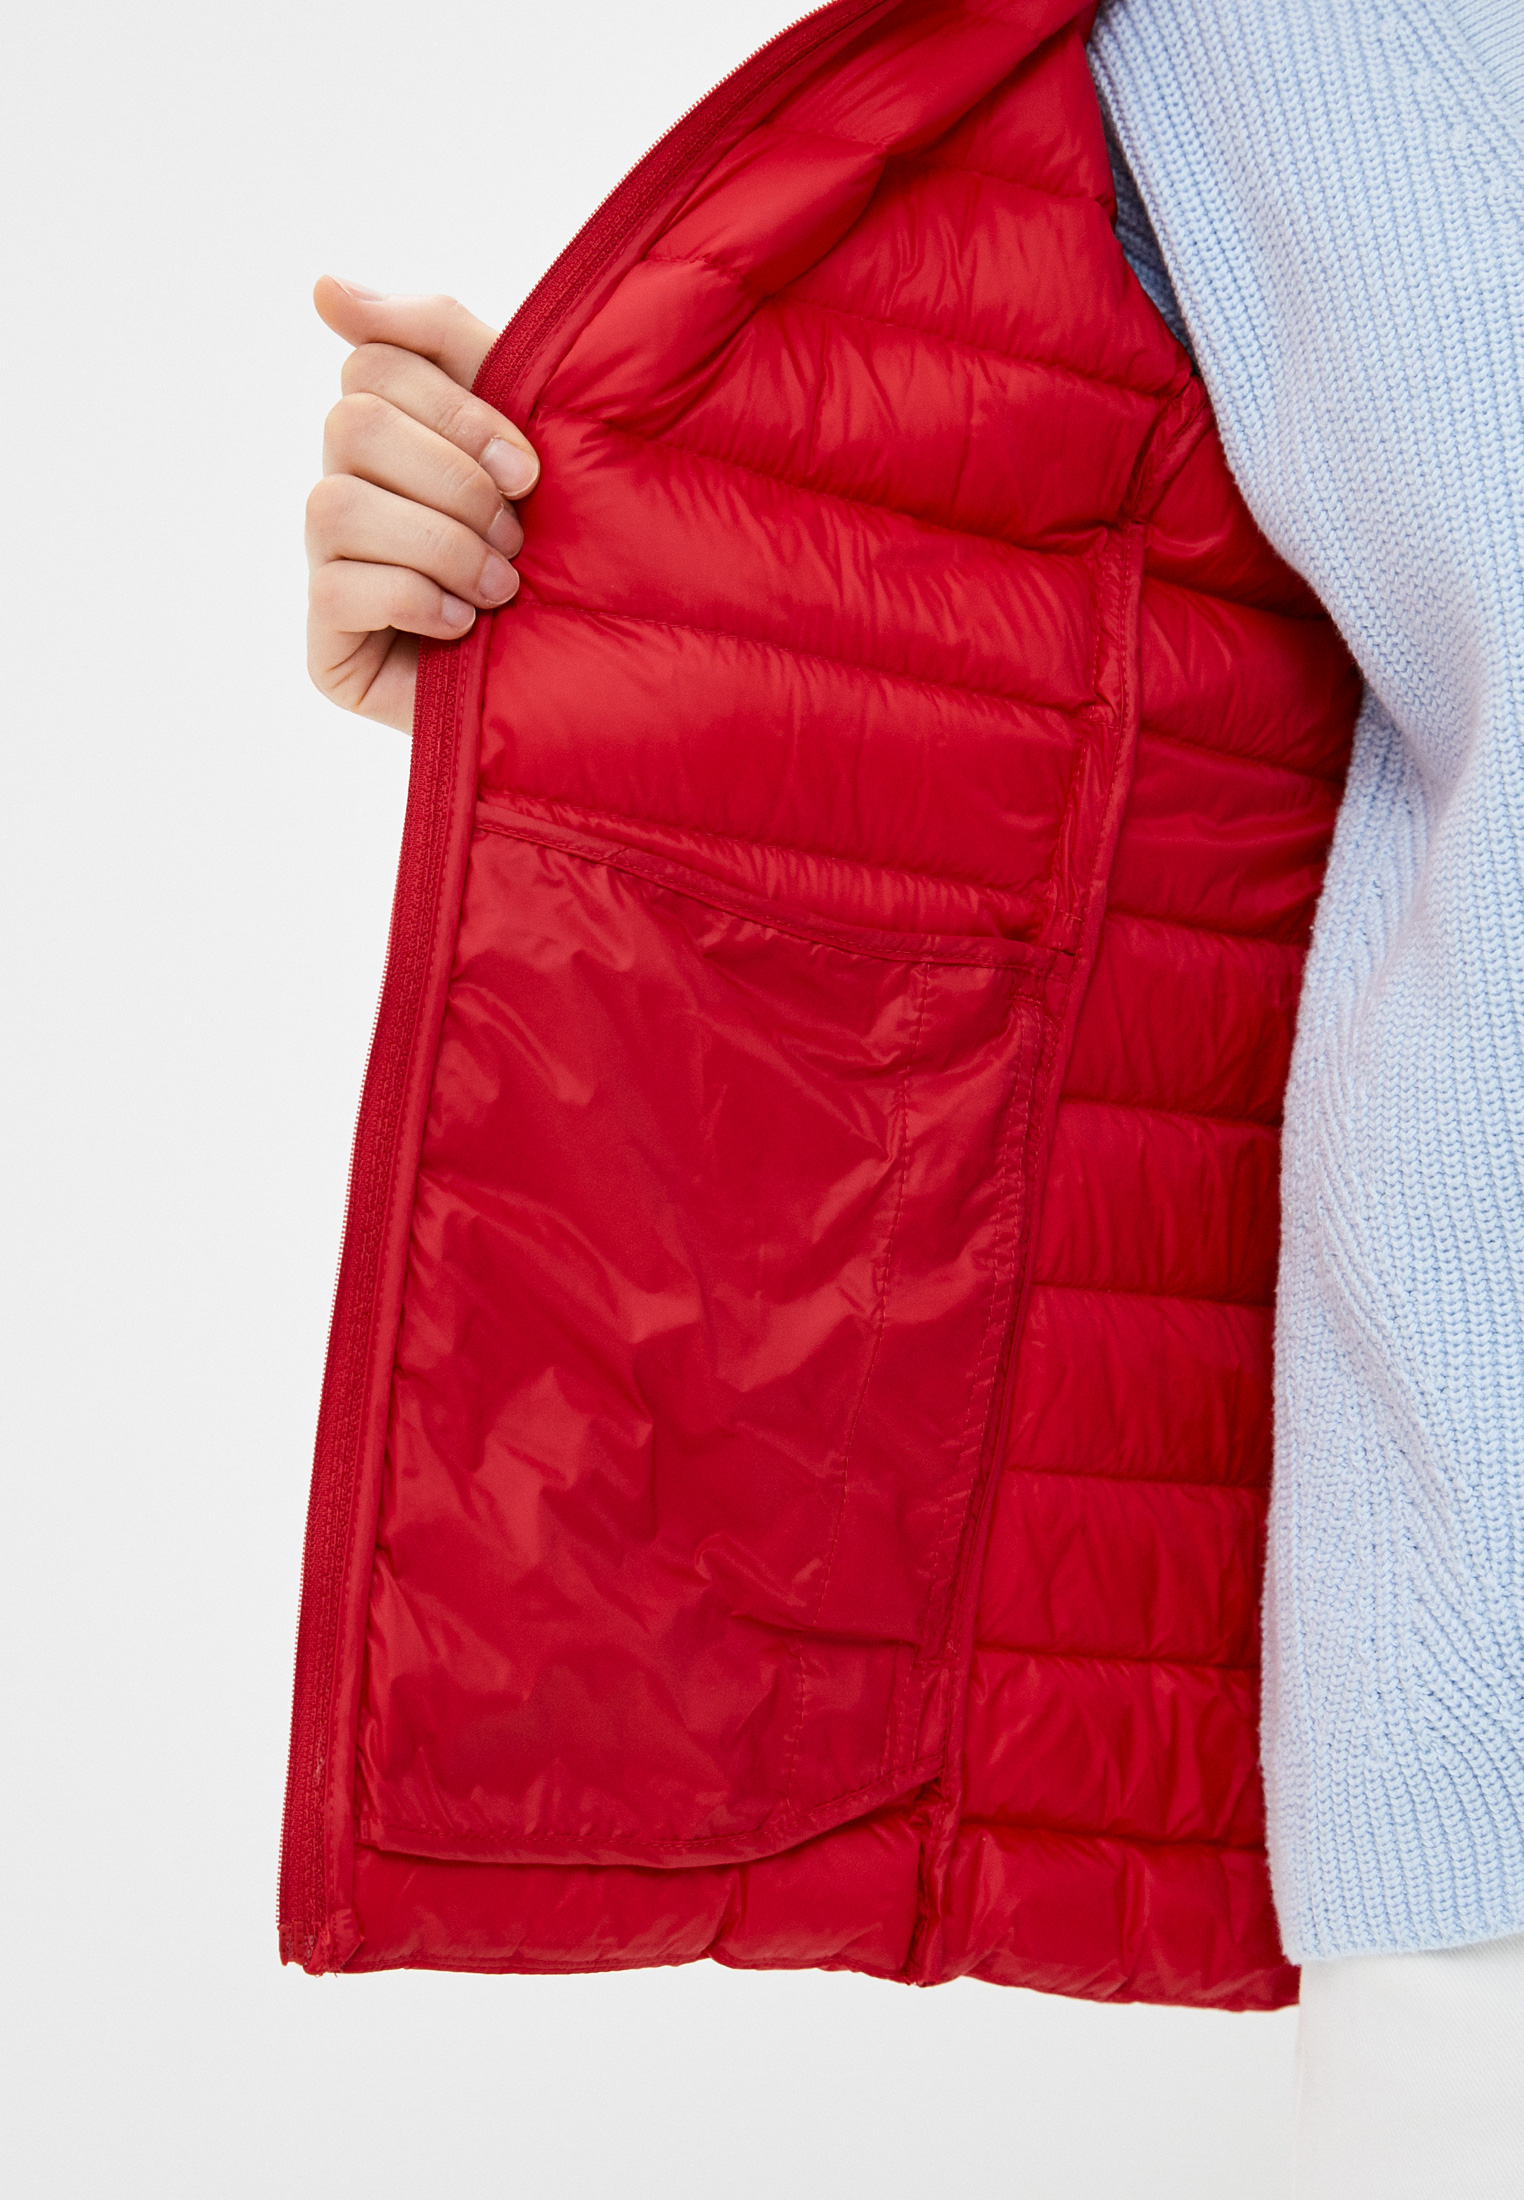 Утепленная куртка Tommy Hilfiger (Томми Хилфигер) WW0WW30842: изображение 4